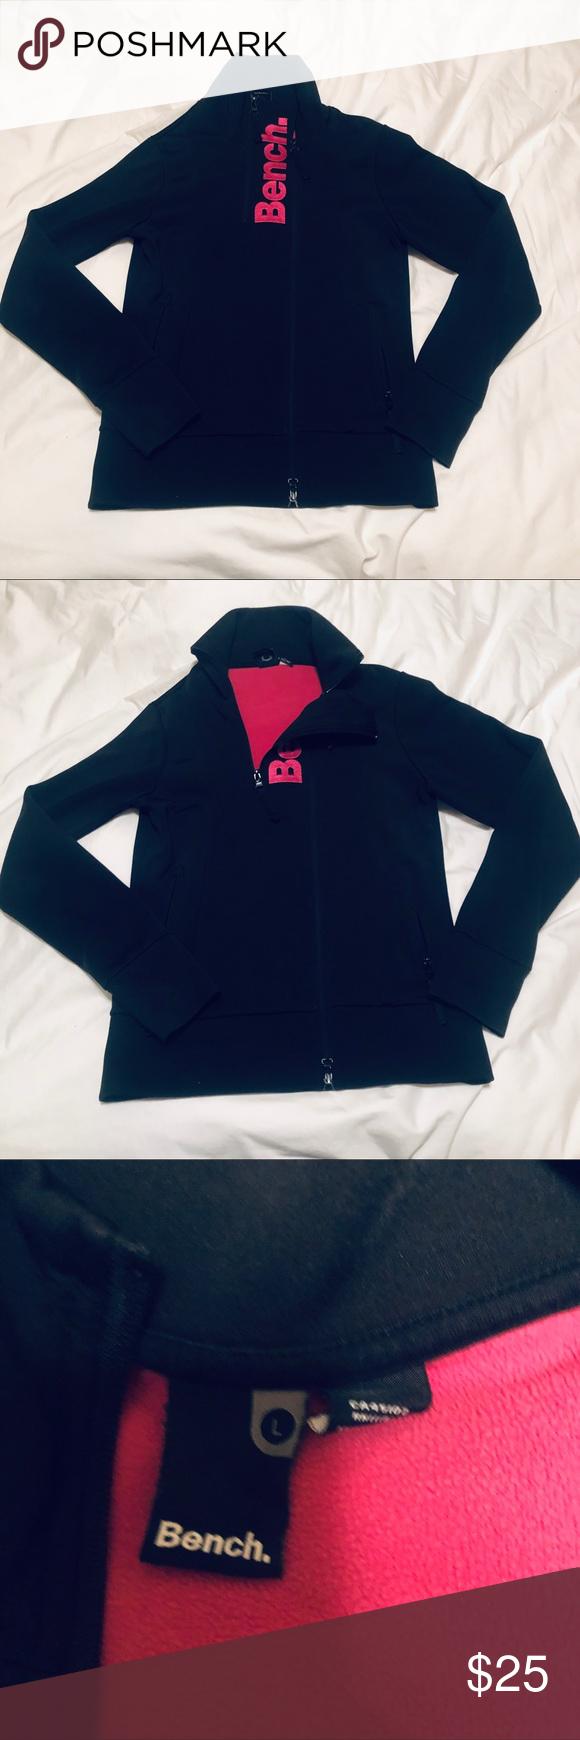 Bench Jacket Bench Jackets Jackets Jackets For Women [ 1740 x 580 Pixel ]